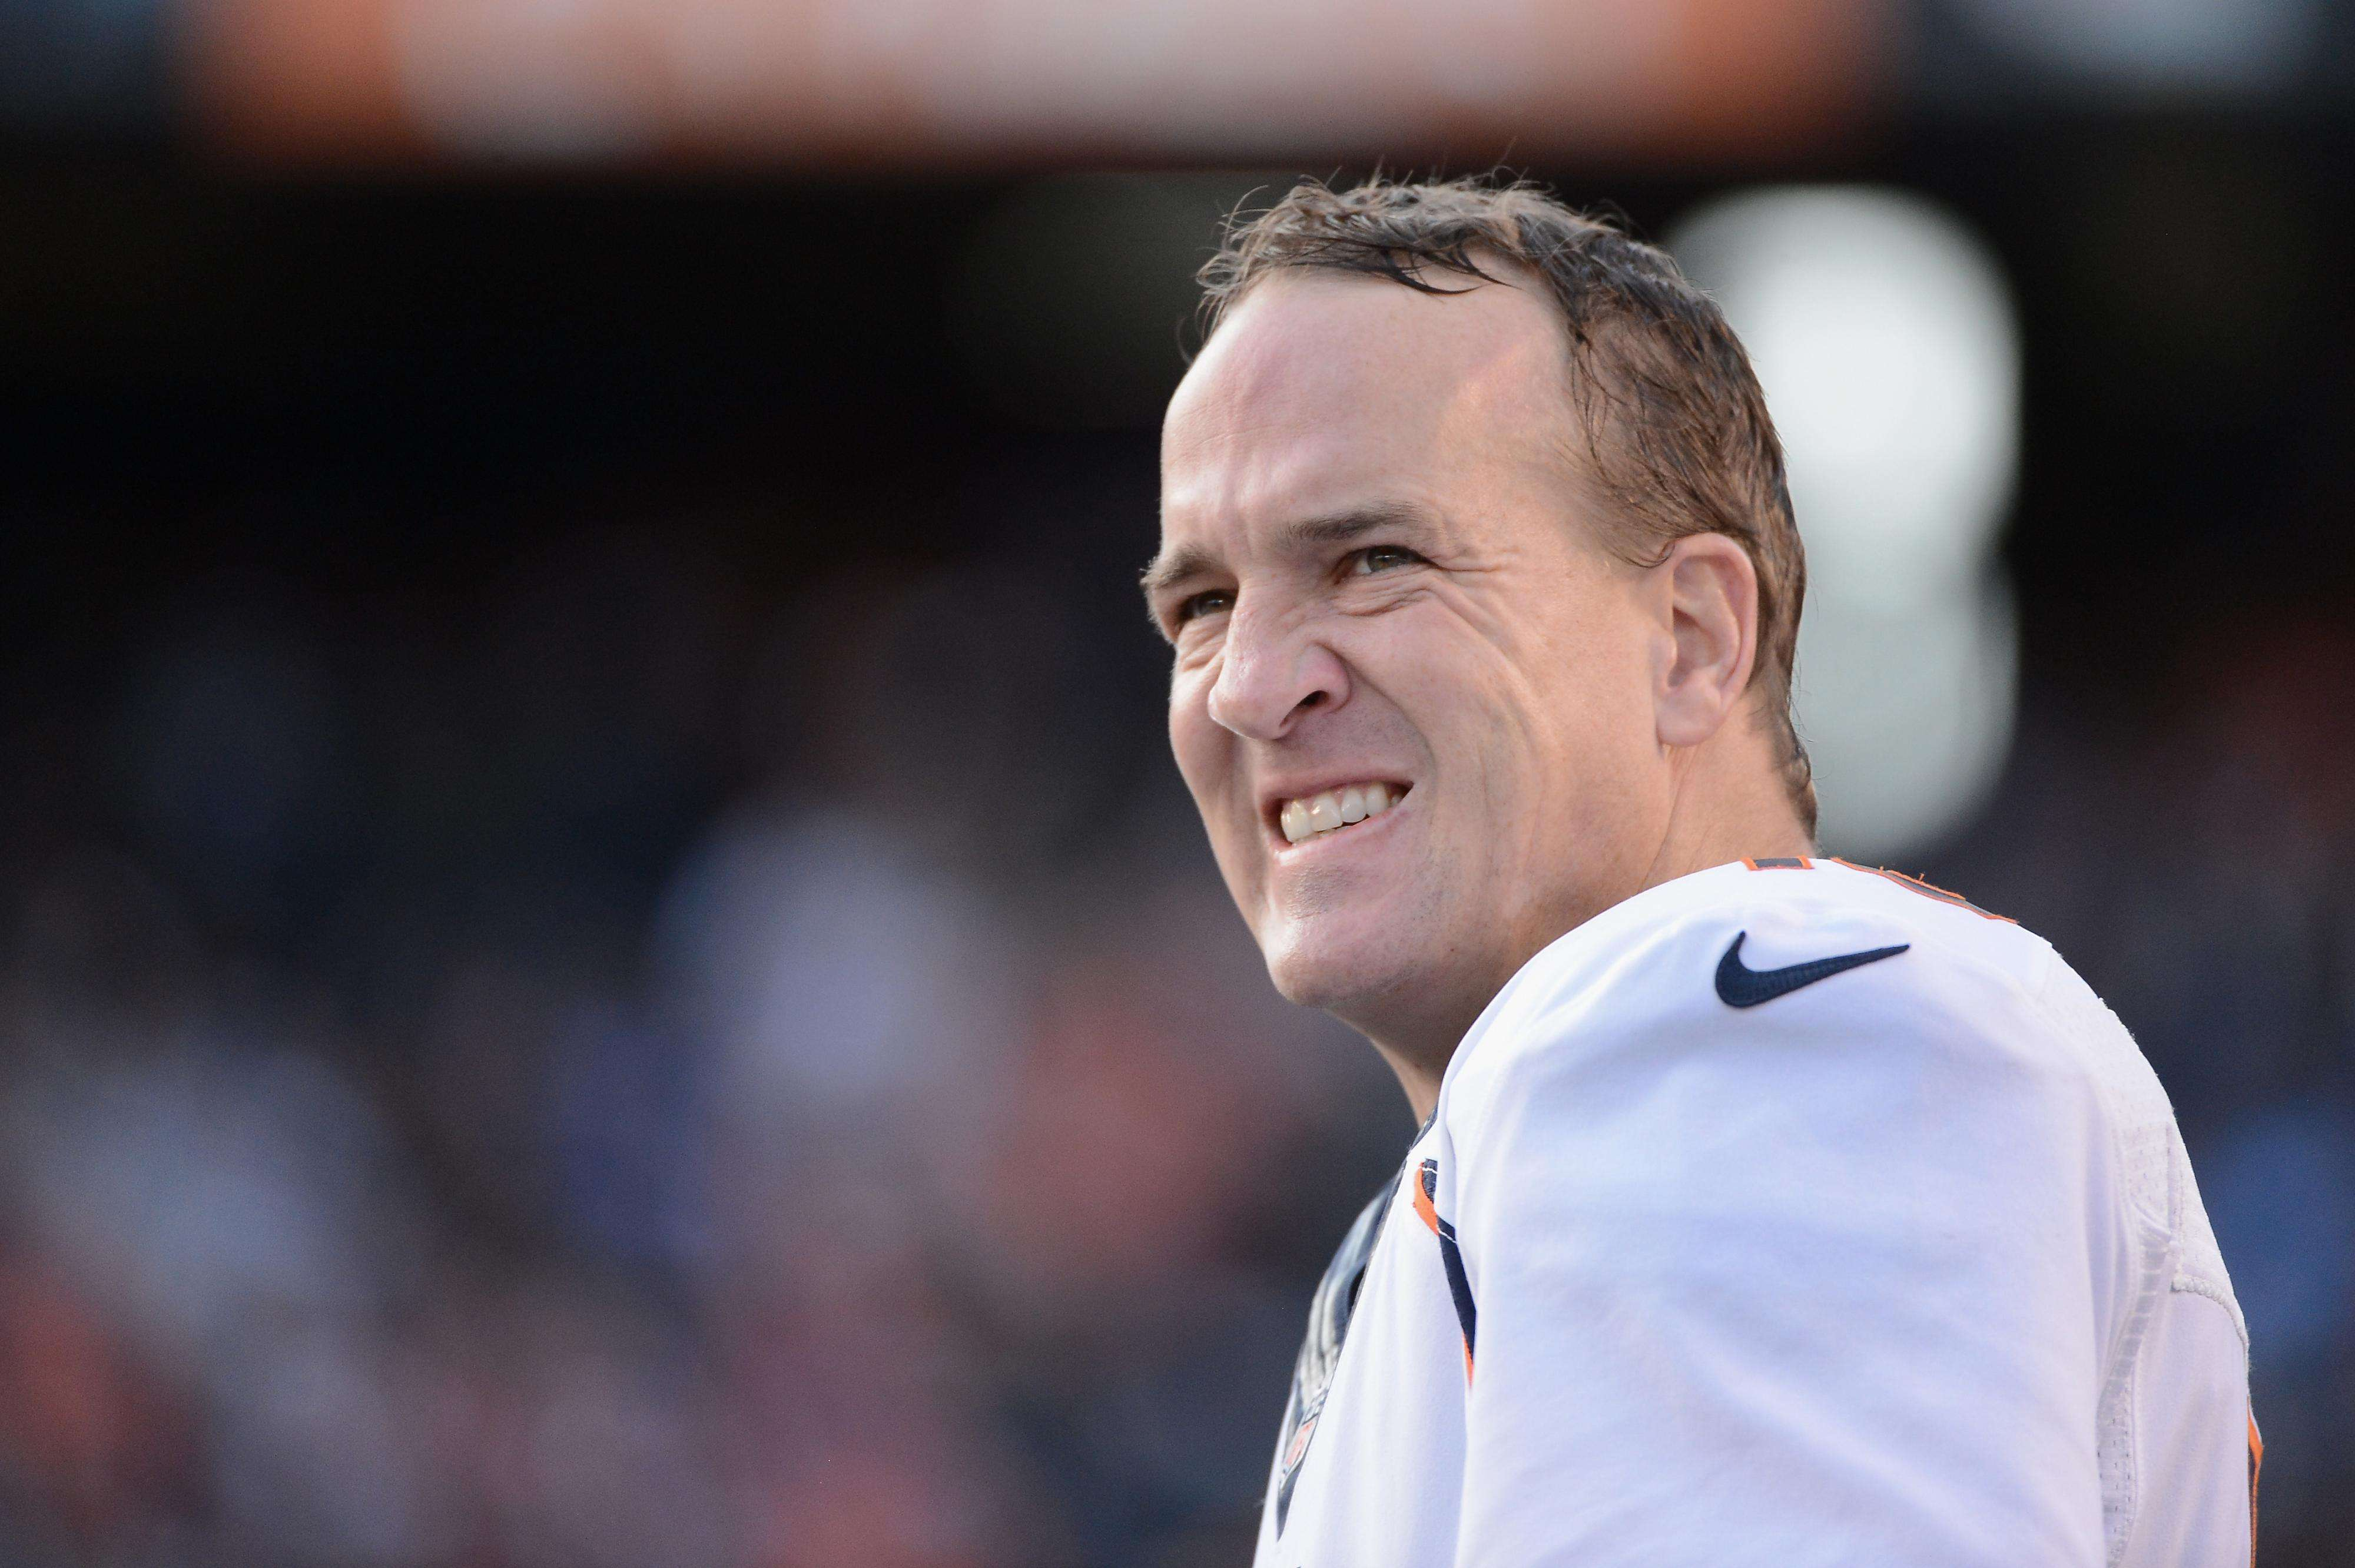 Peyton Manning tiene 38 años de edad Foto: Gettyimages